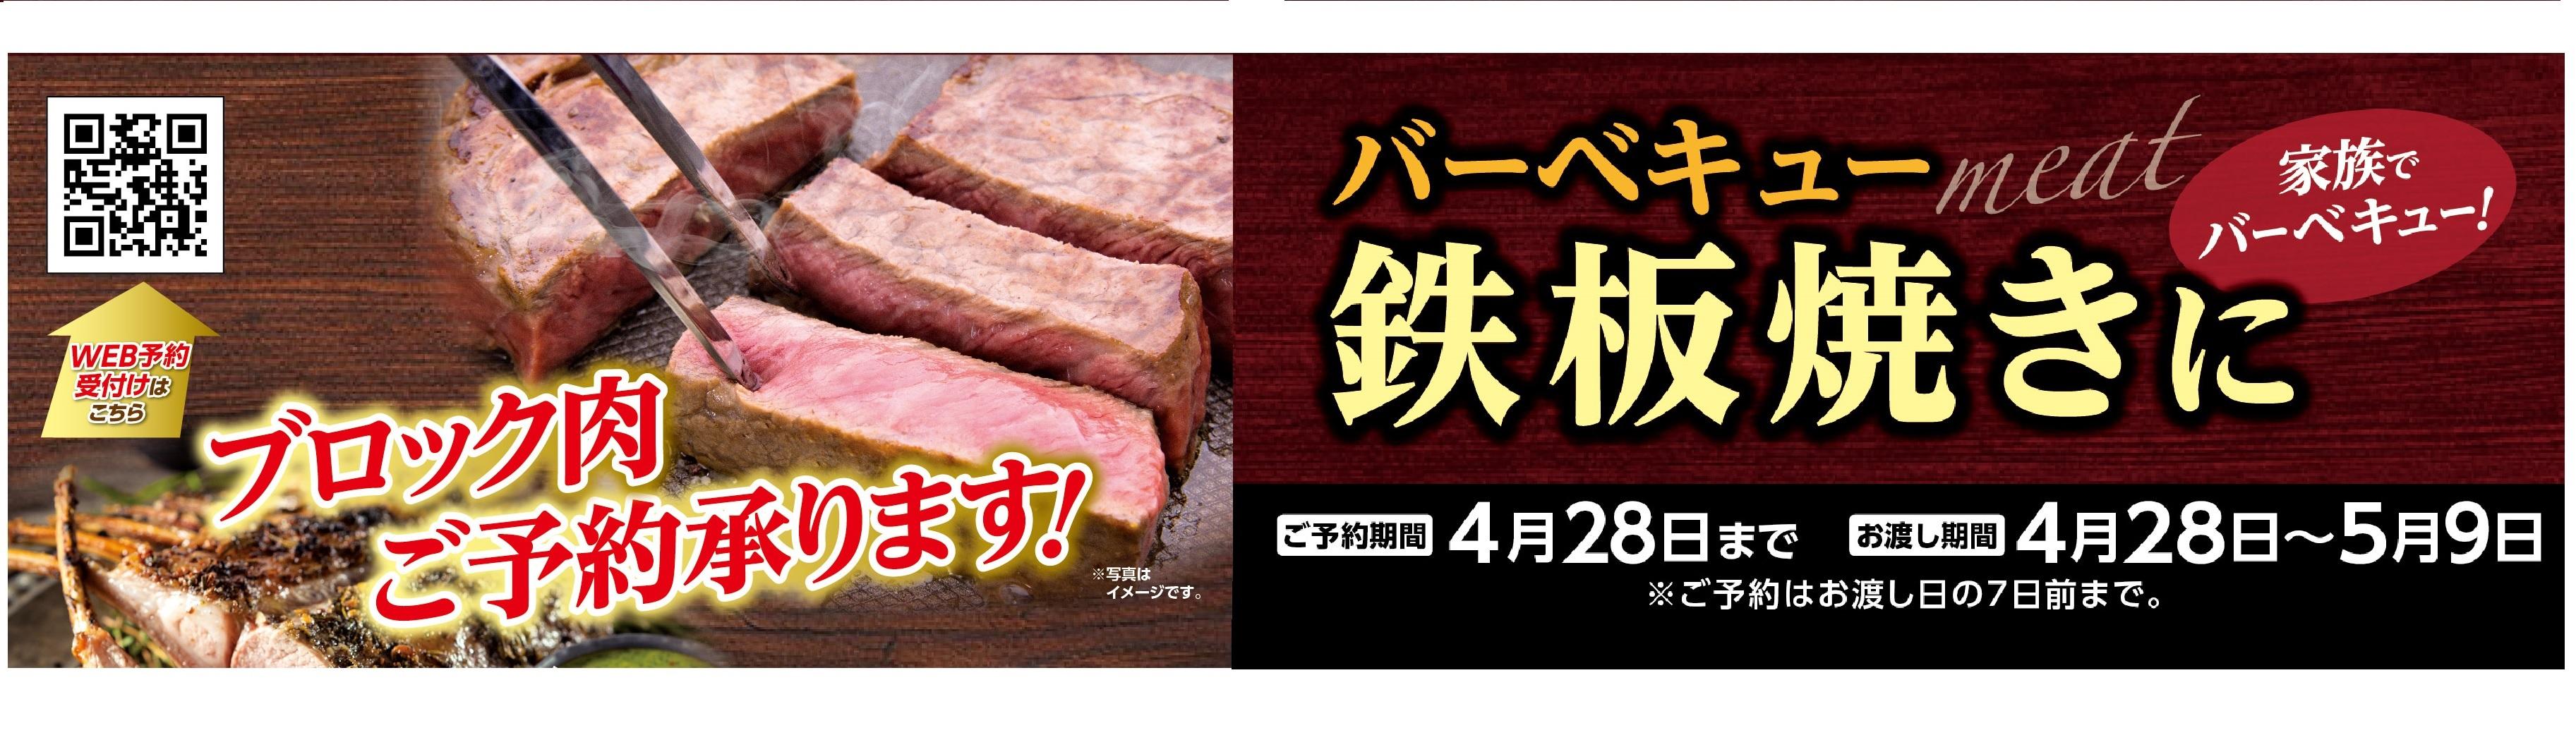 バーベキュー(肉)